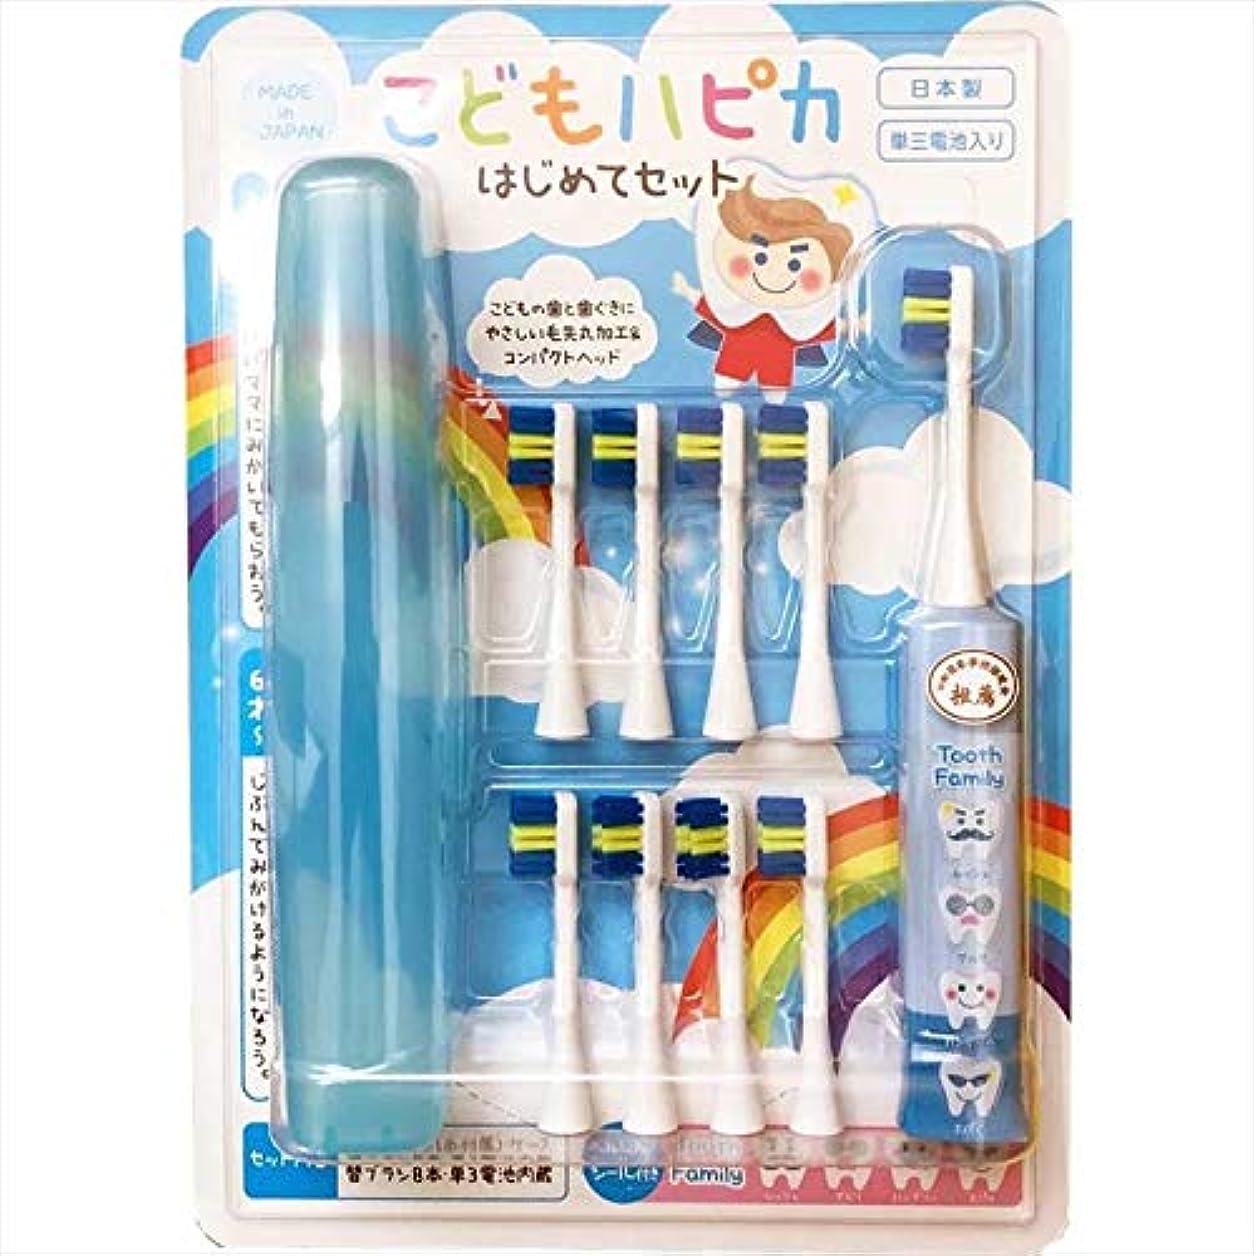 不良暗唱する敬意こどもハピカセット ブルー 子供用電動歯ブラシ